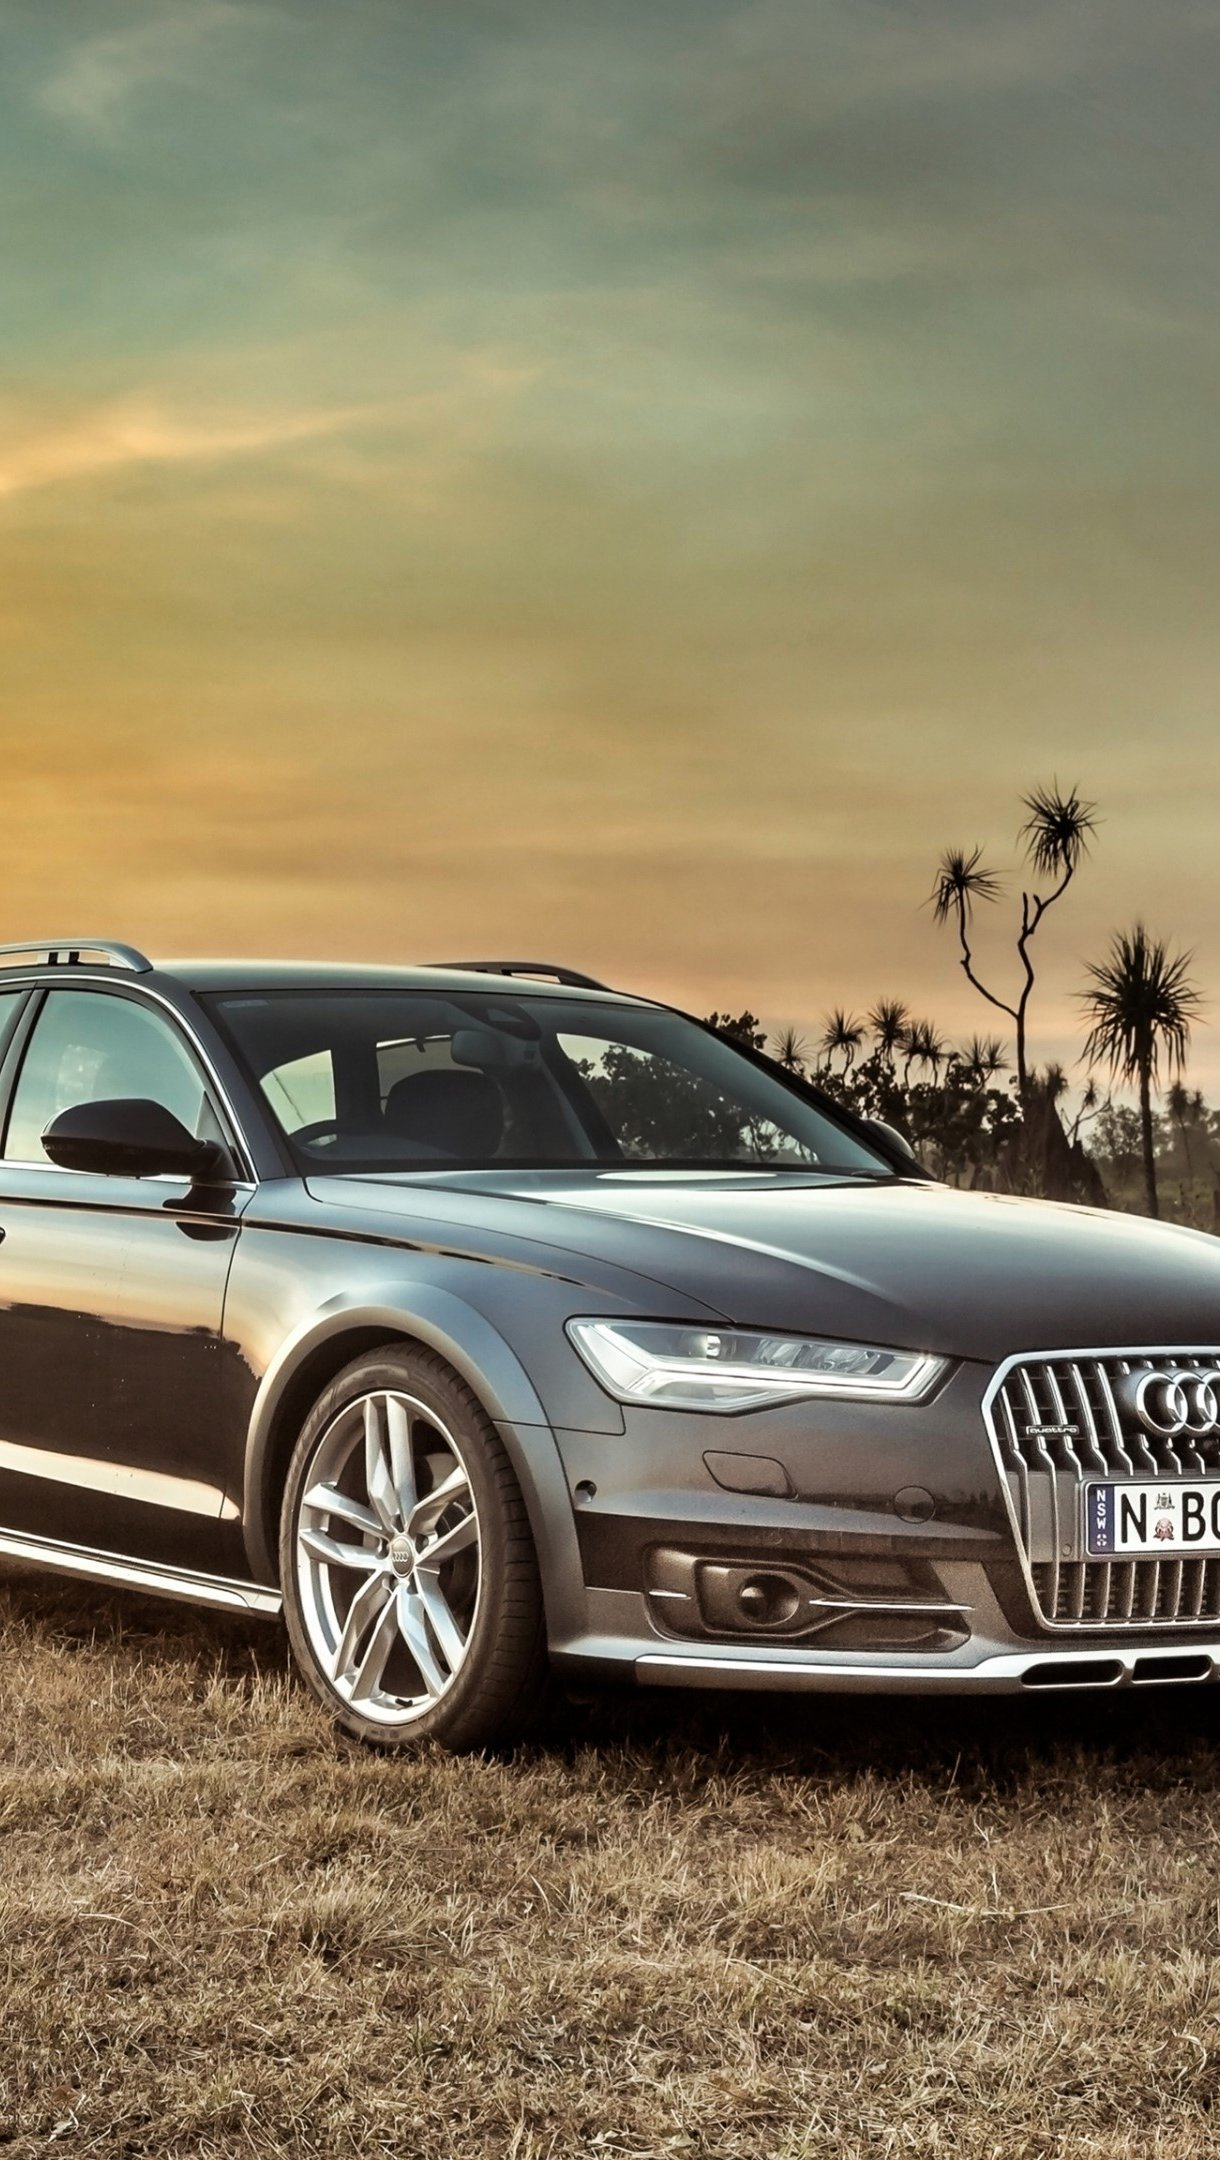 Wallpaper Audi A6 Allread at sunset Vertical